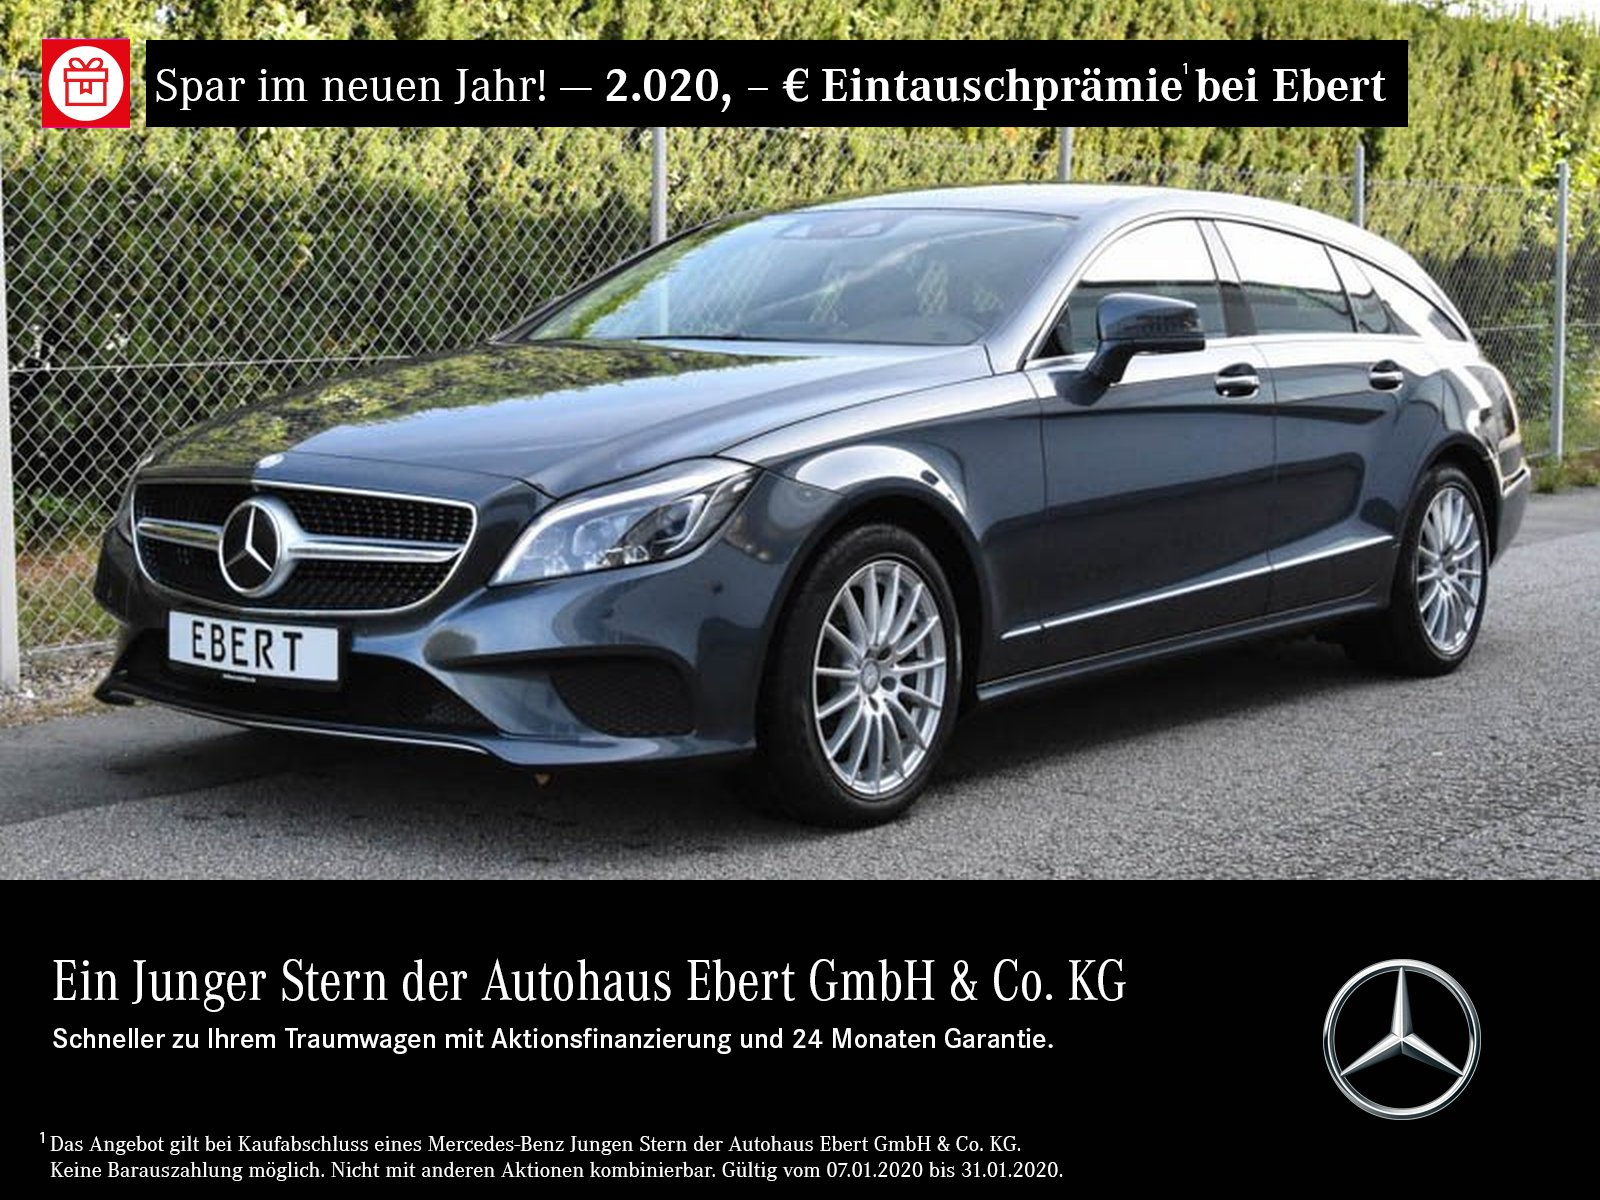 Mercedes-Benz CLS 350 d SB COMAND+DISTRONIC+360°+LED+BURME+EU6, Jahr 2015, diesel